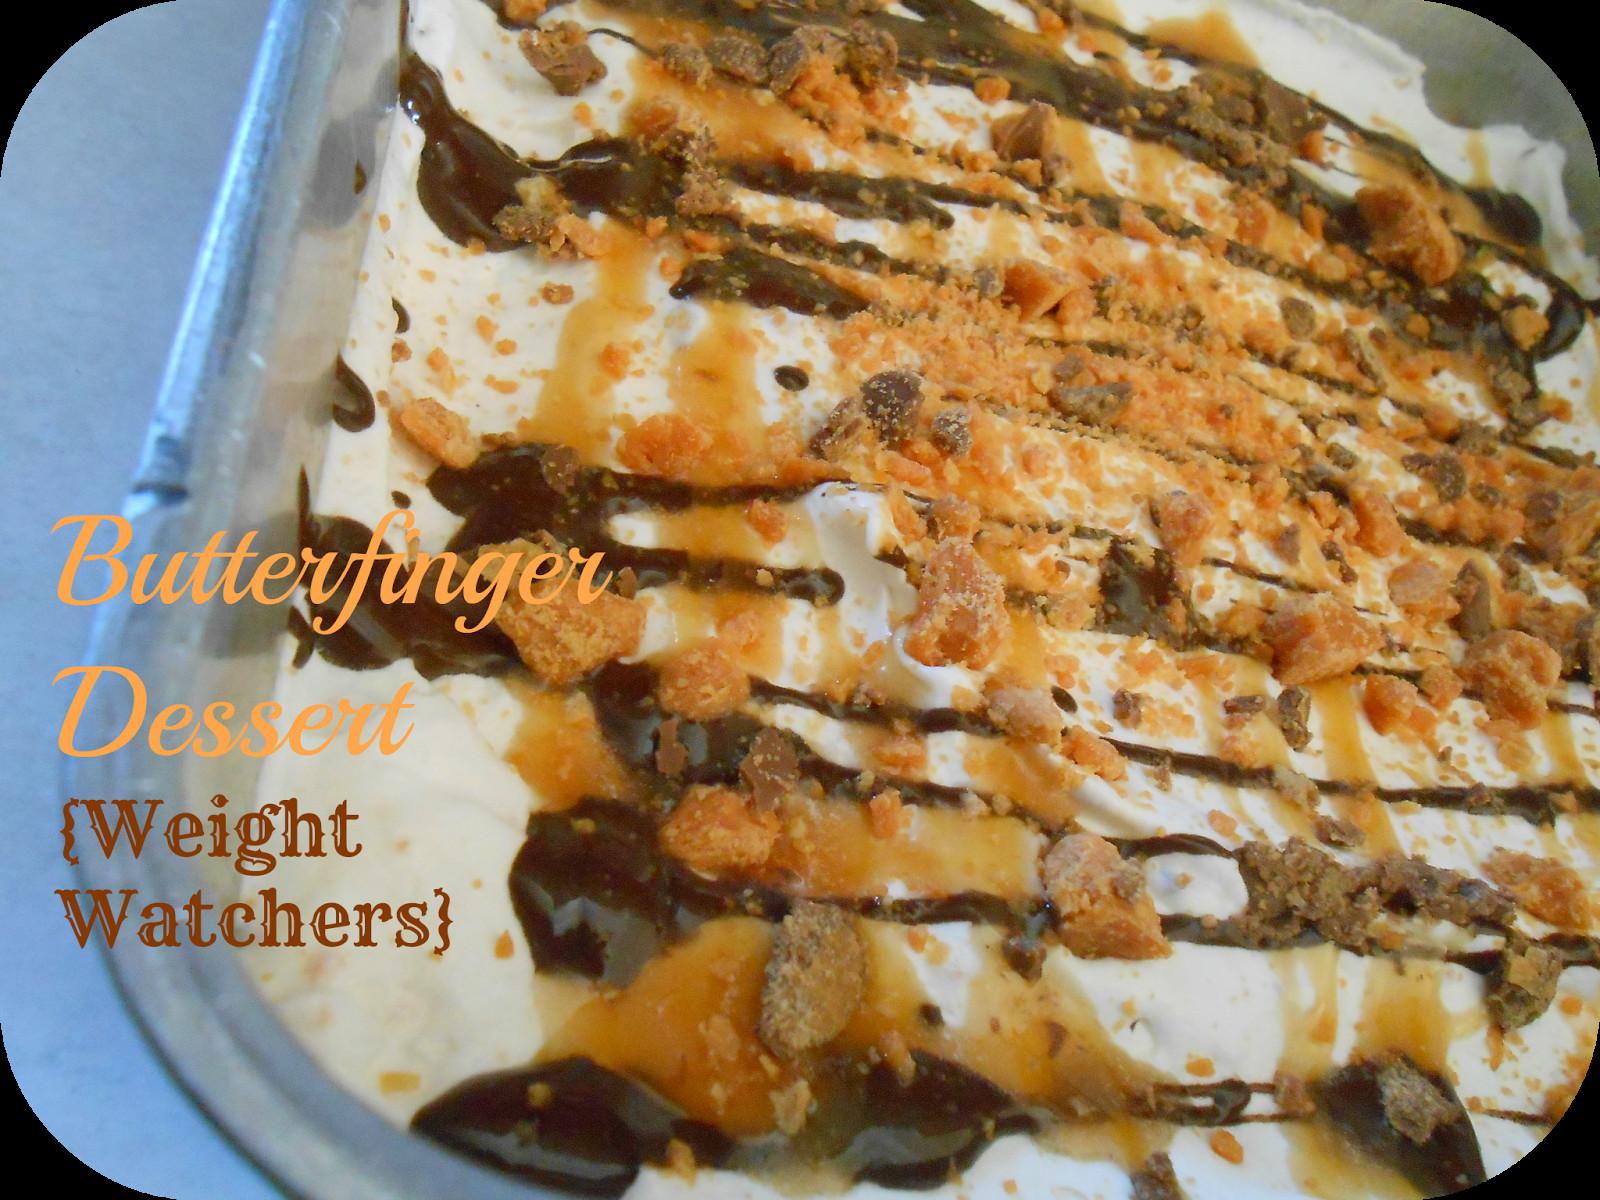 Weight Watchers Dessert Recipes With Cool Whip  The Better Baker Butterfinger Dessert Weight Watchers